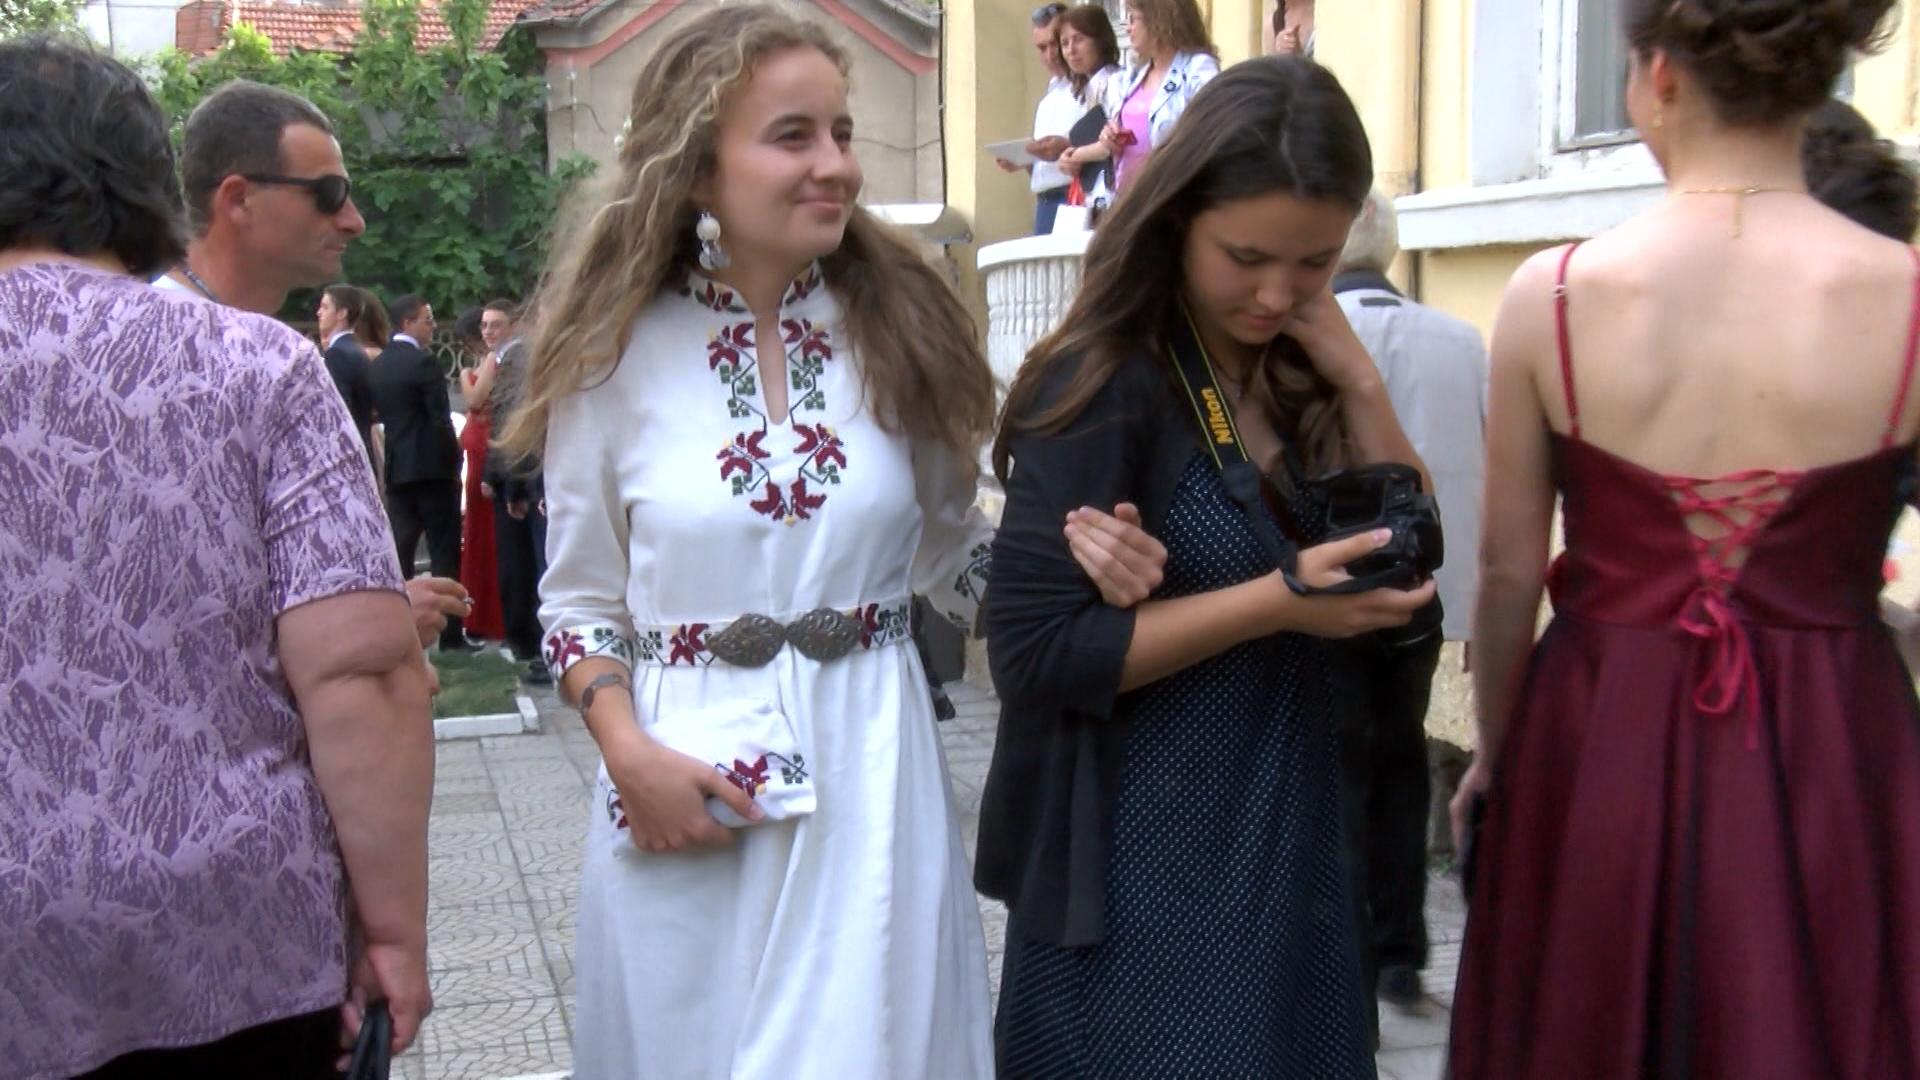 Силвия Читакова събра погледи и аплодисменти сред съгражданите си, а в социалните мрежи хората я приветстват за оригиналния ѝ избор